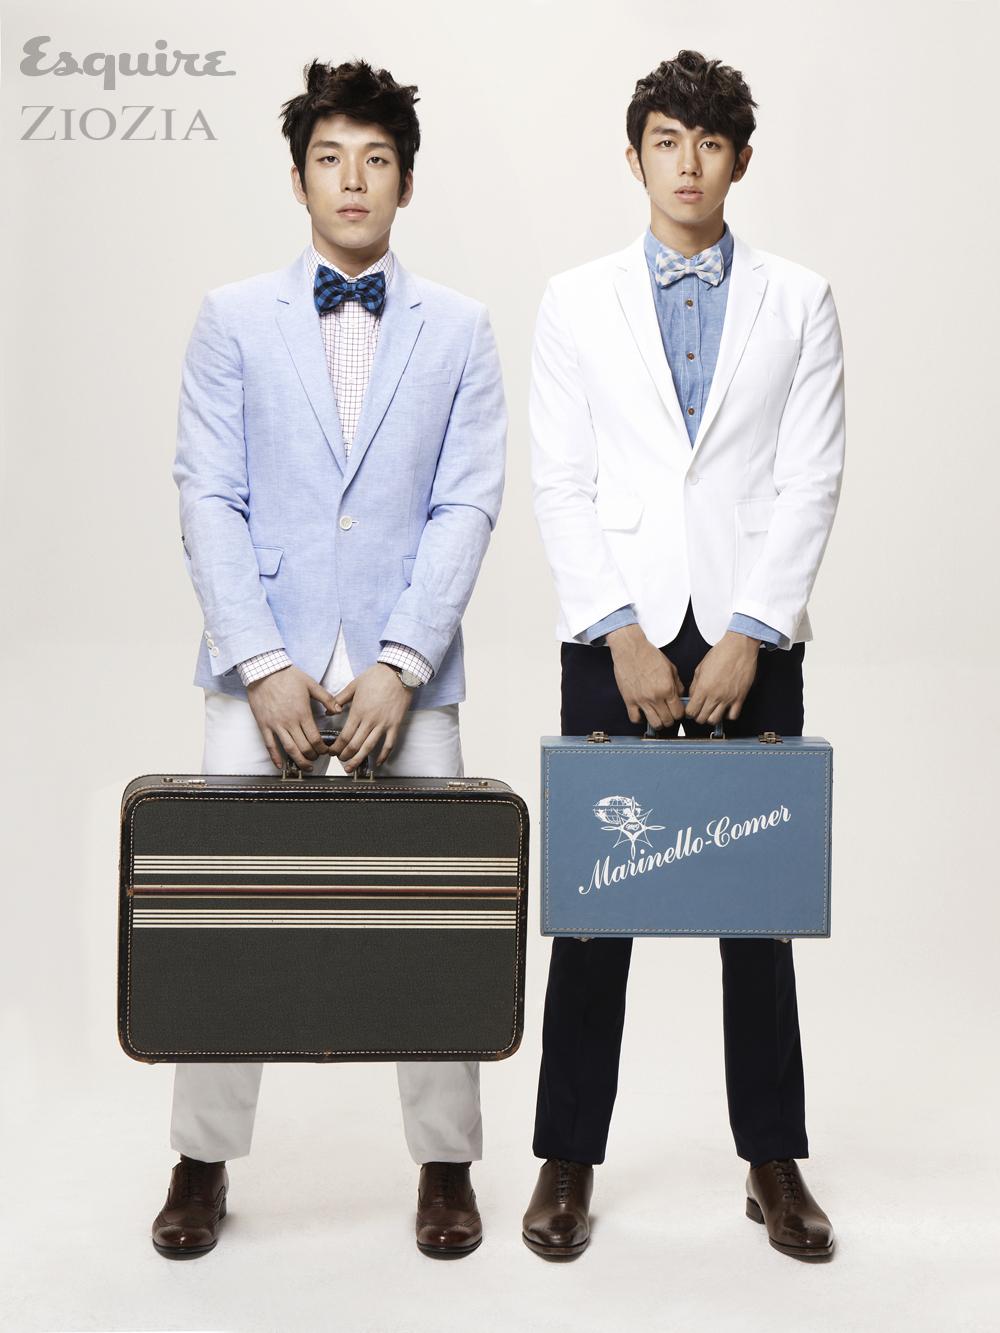 Foto boyband korea excite 100